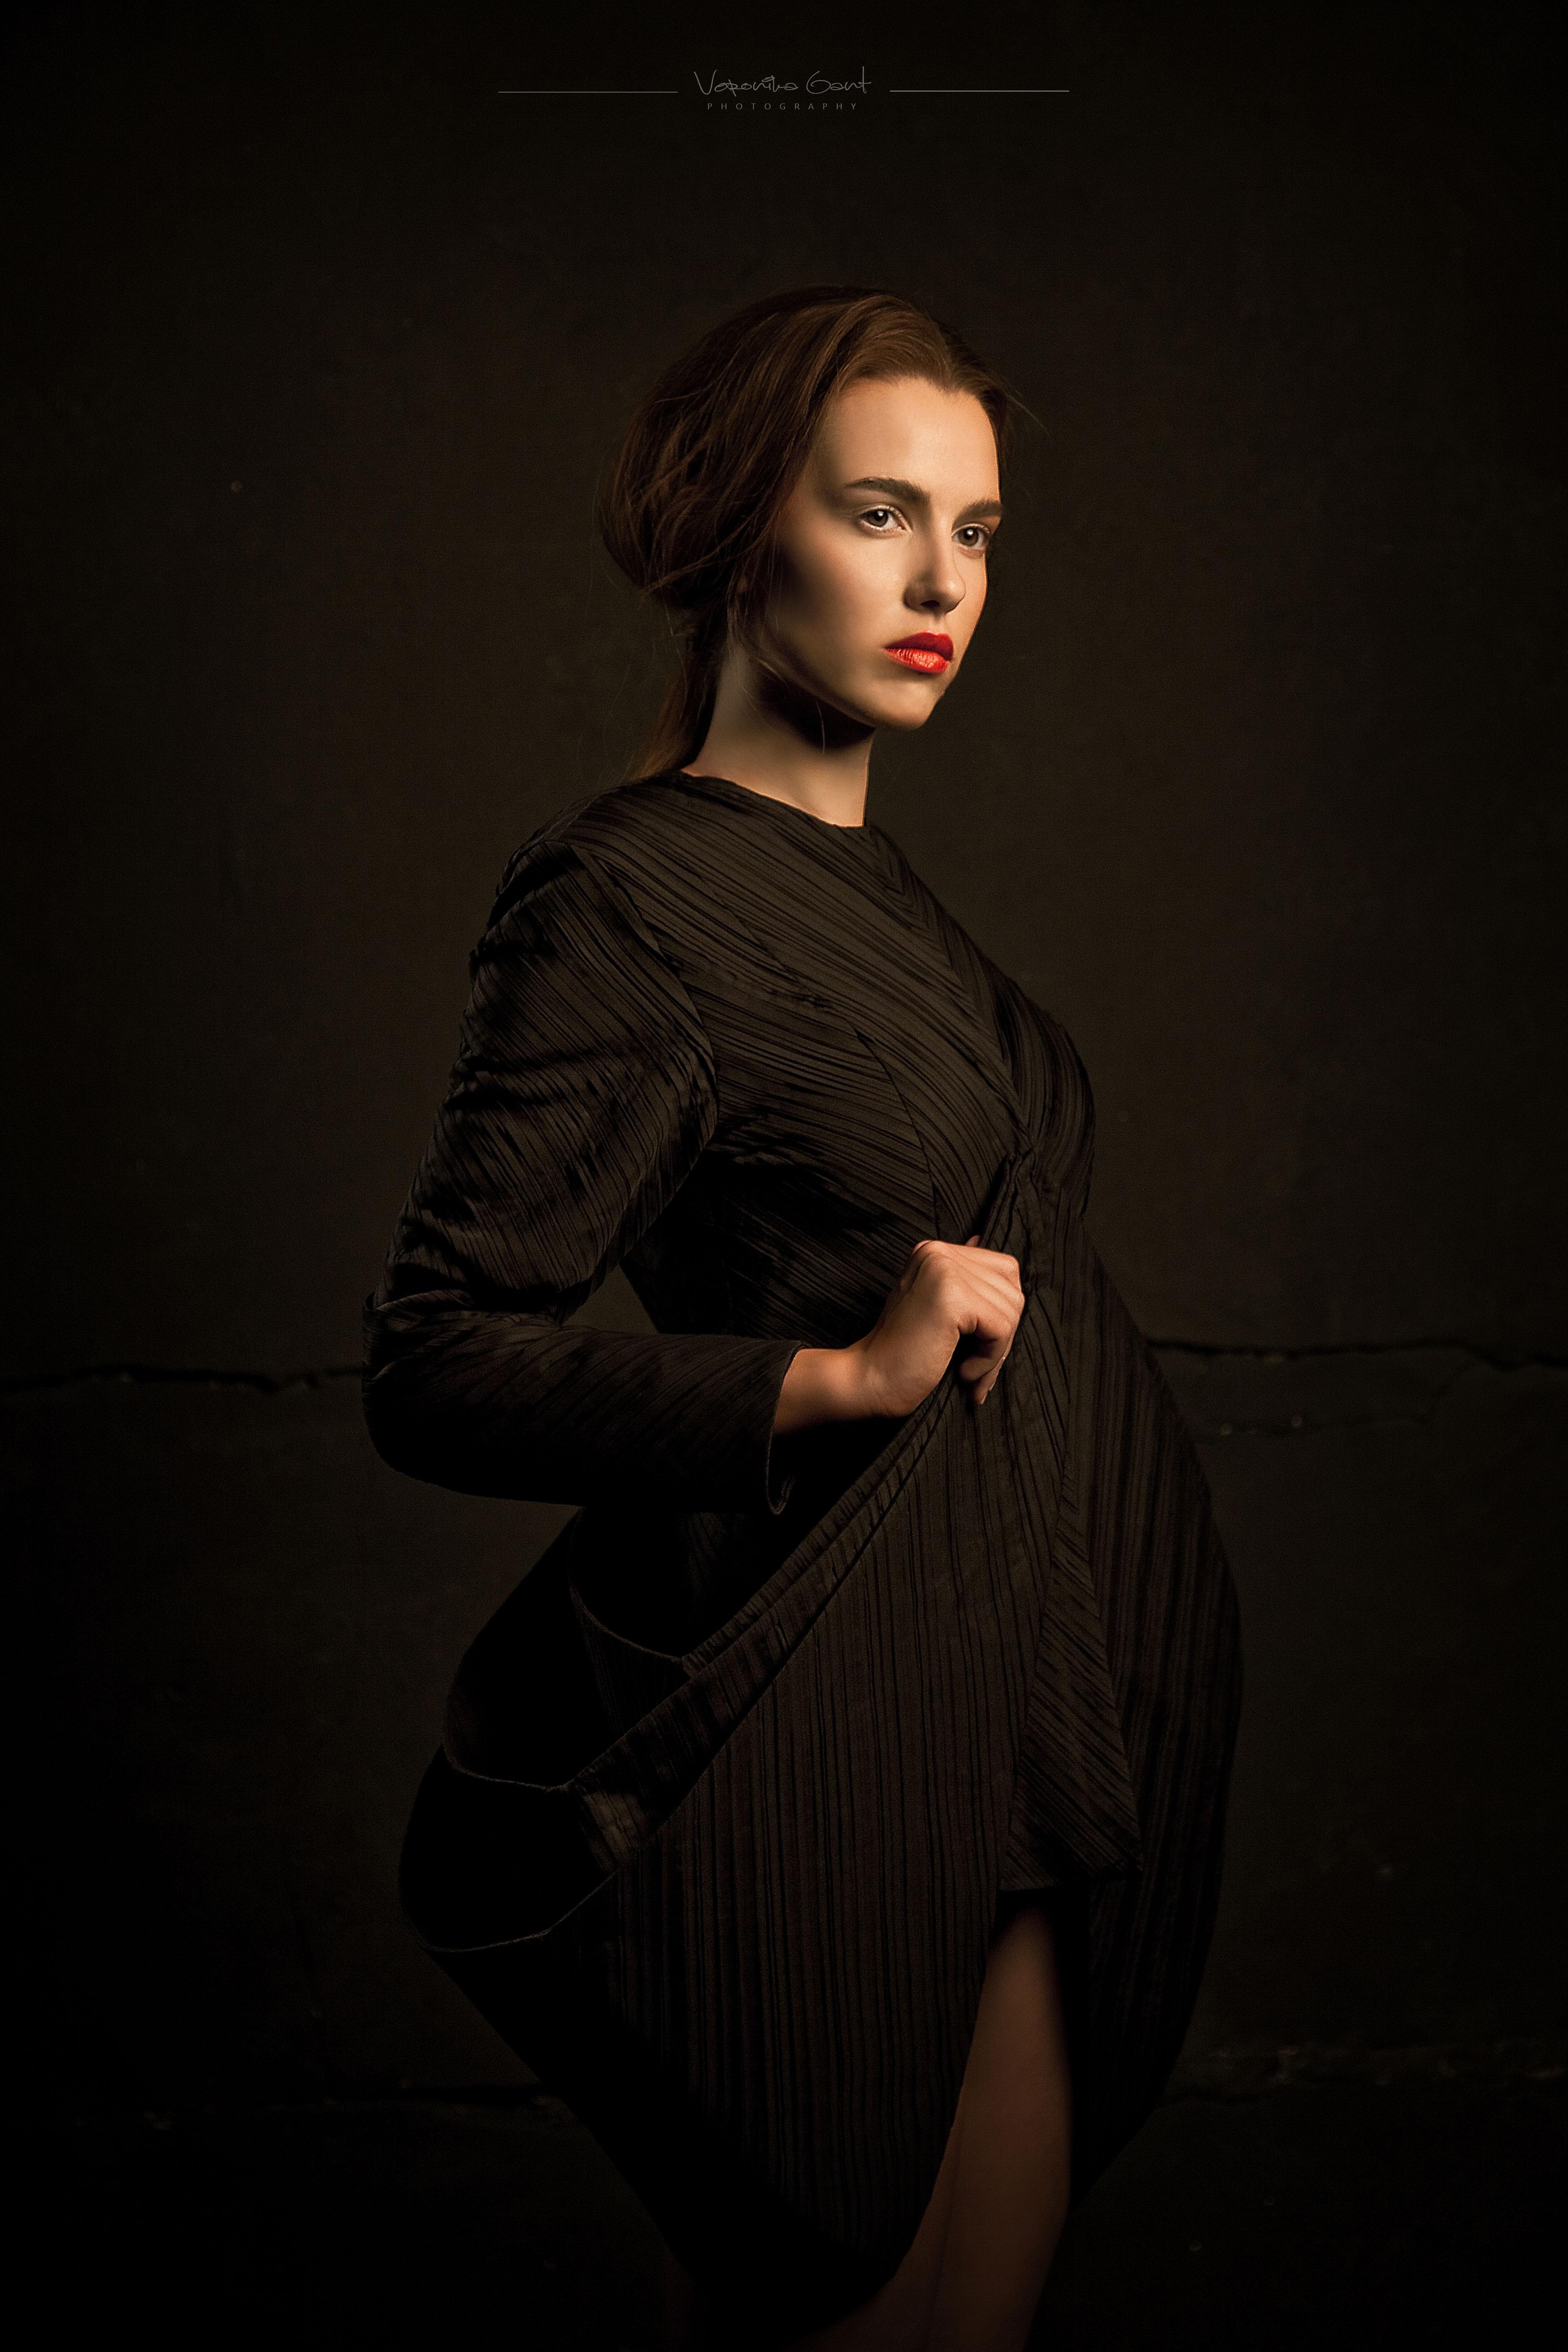 maria-nemcekova-portrait-002